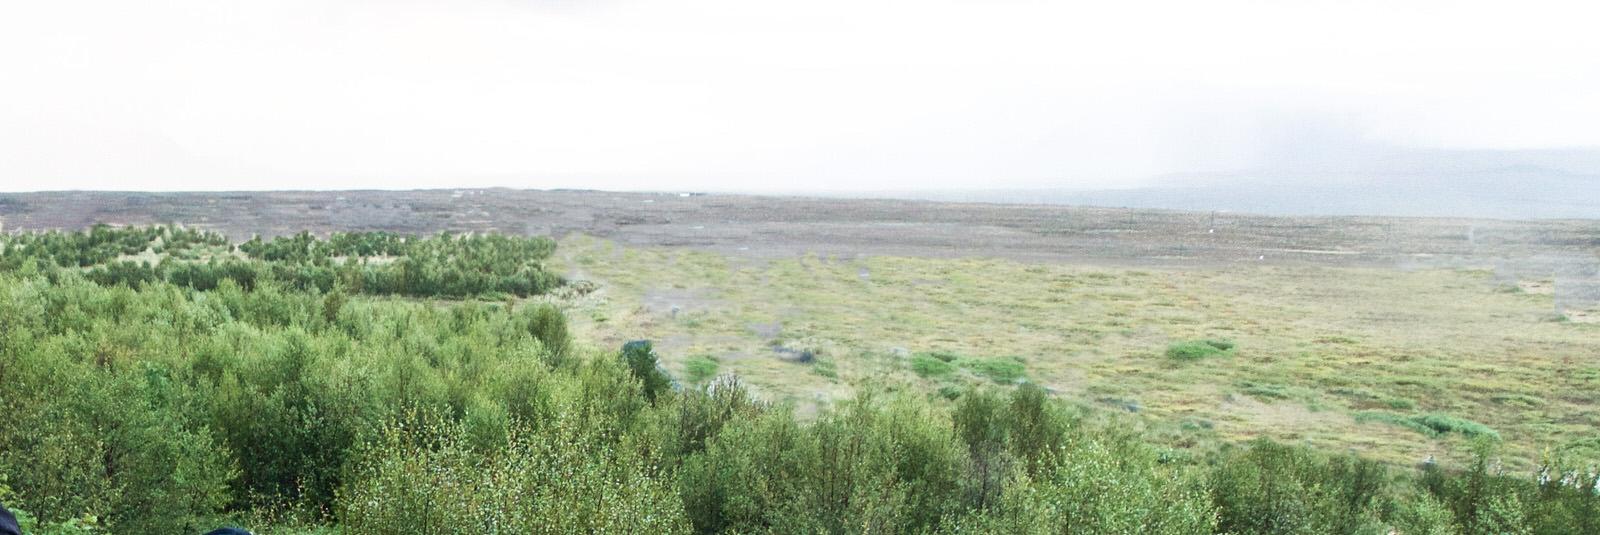 Så här kunde det ha sett ut i Sverige ett antal århundraden efter det att isen börjat dra sig tillbaka. Liknande miljöer kan man hitta på Island än idag.x